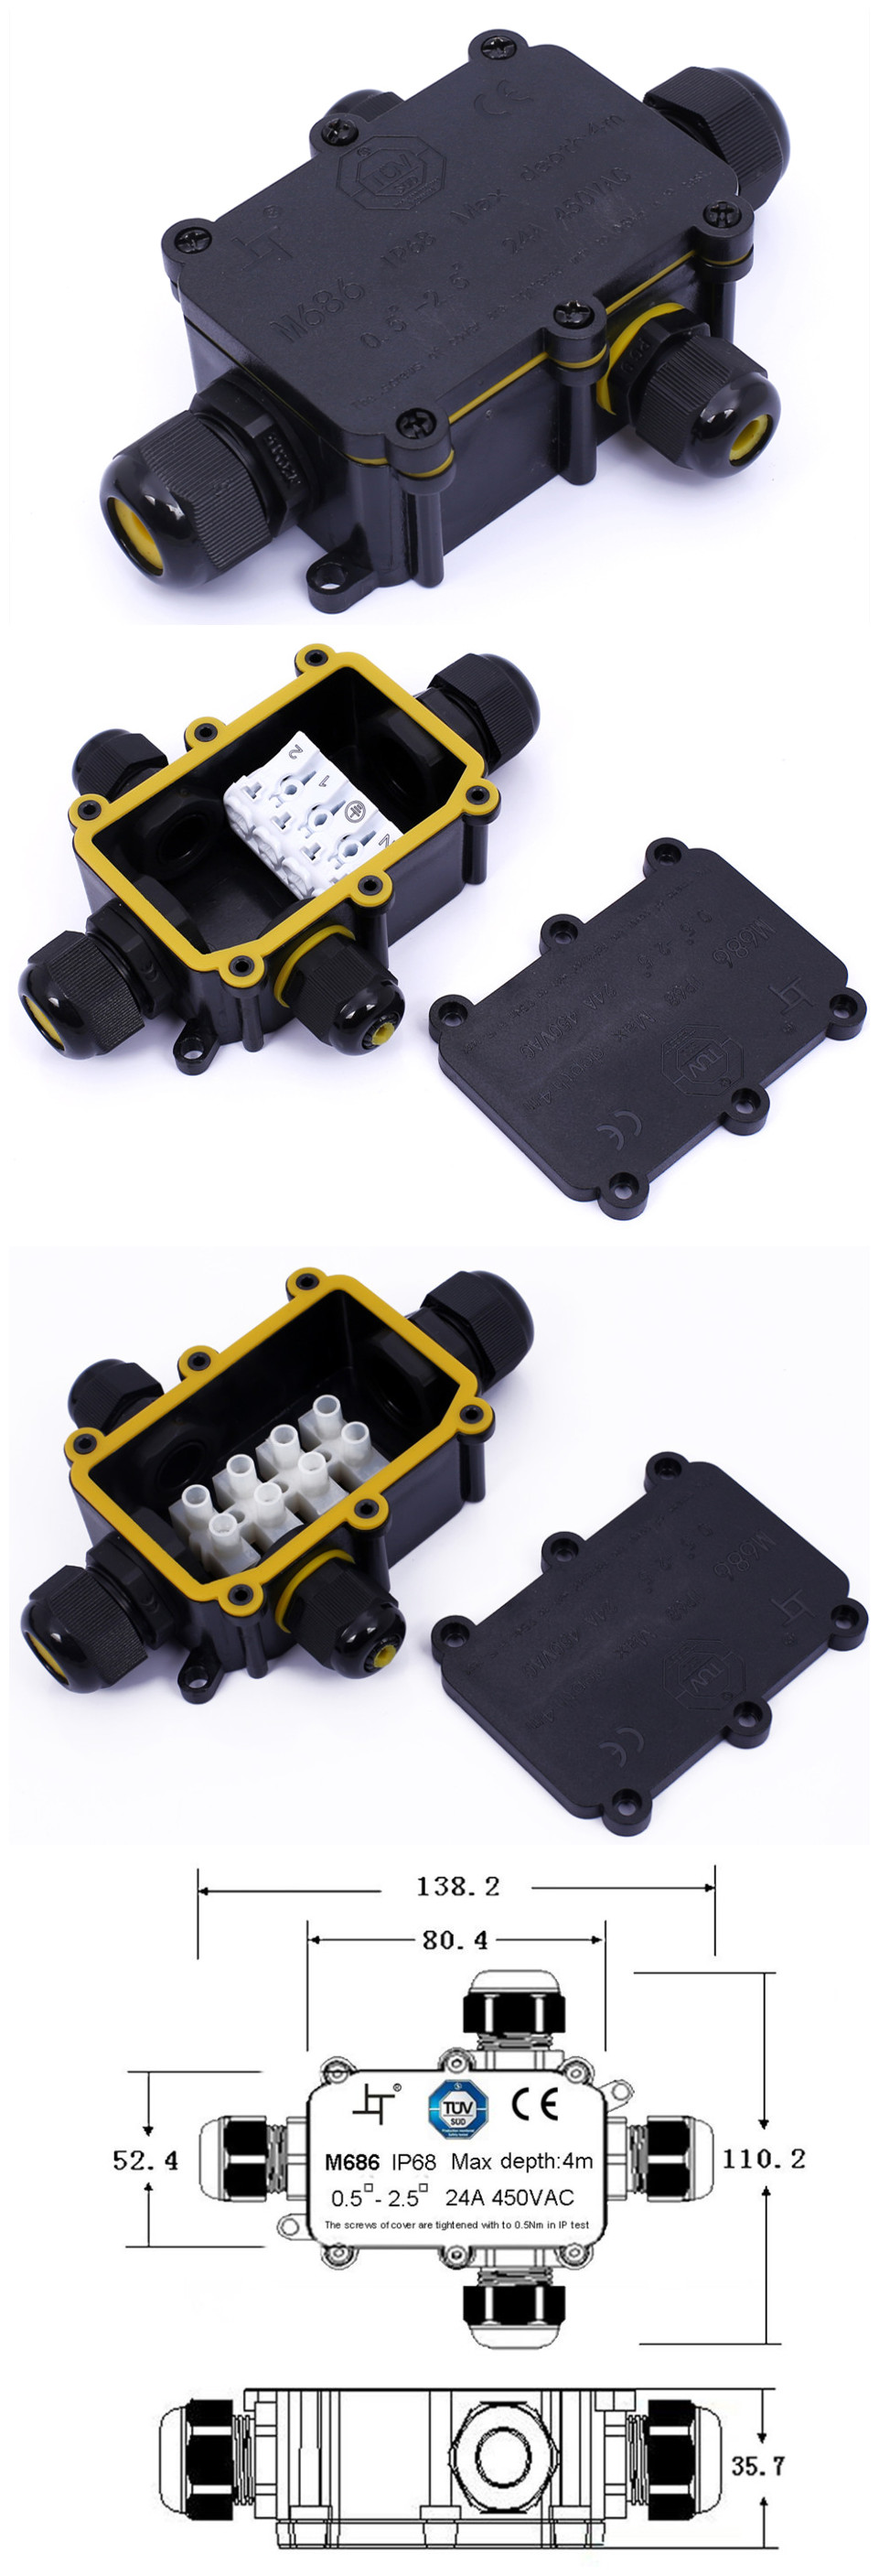 TUV 2 yollu IP68 açık elektronik plastik terminali bağlantı su geçirmez kablo bağlantı kutusu